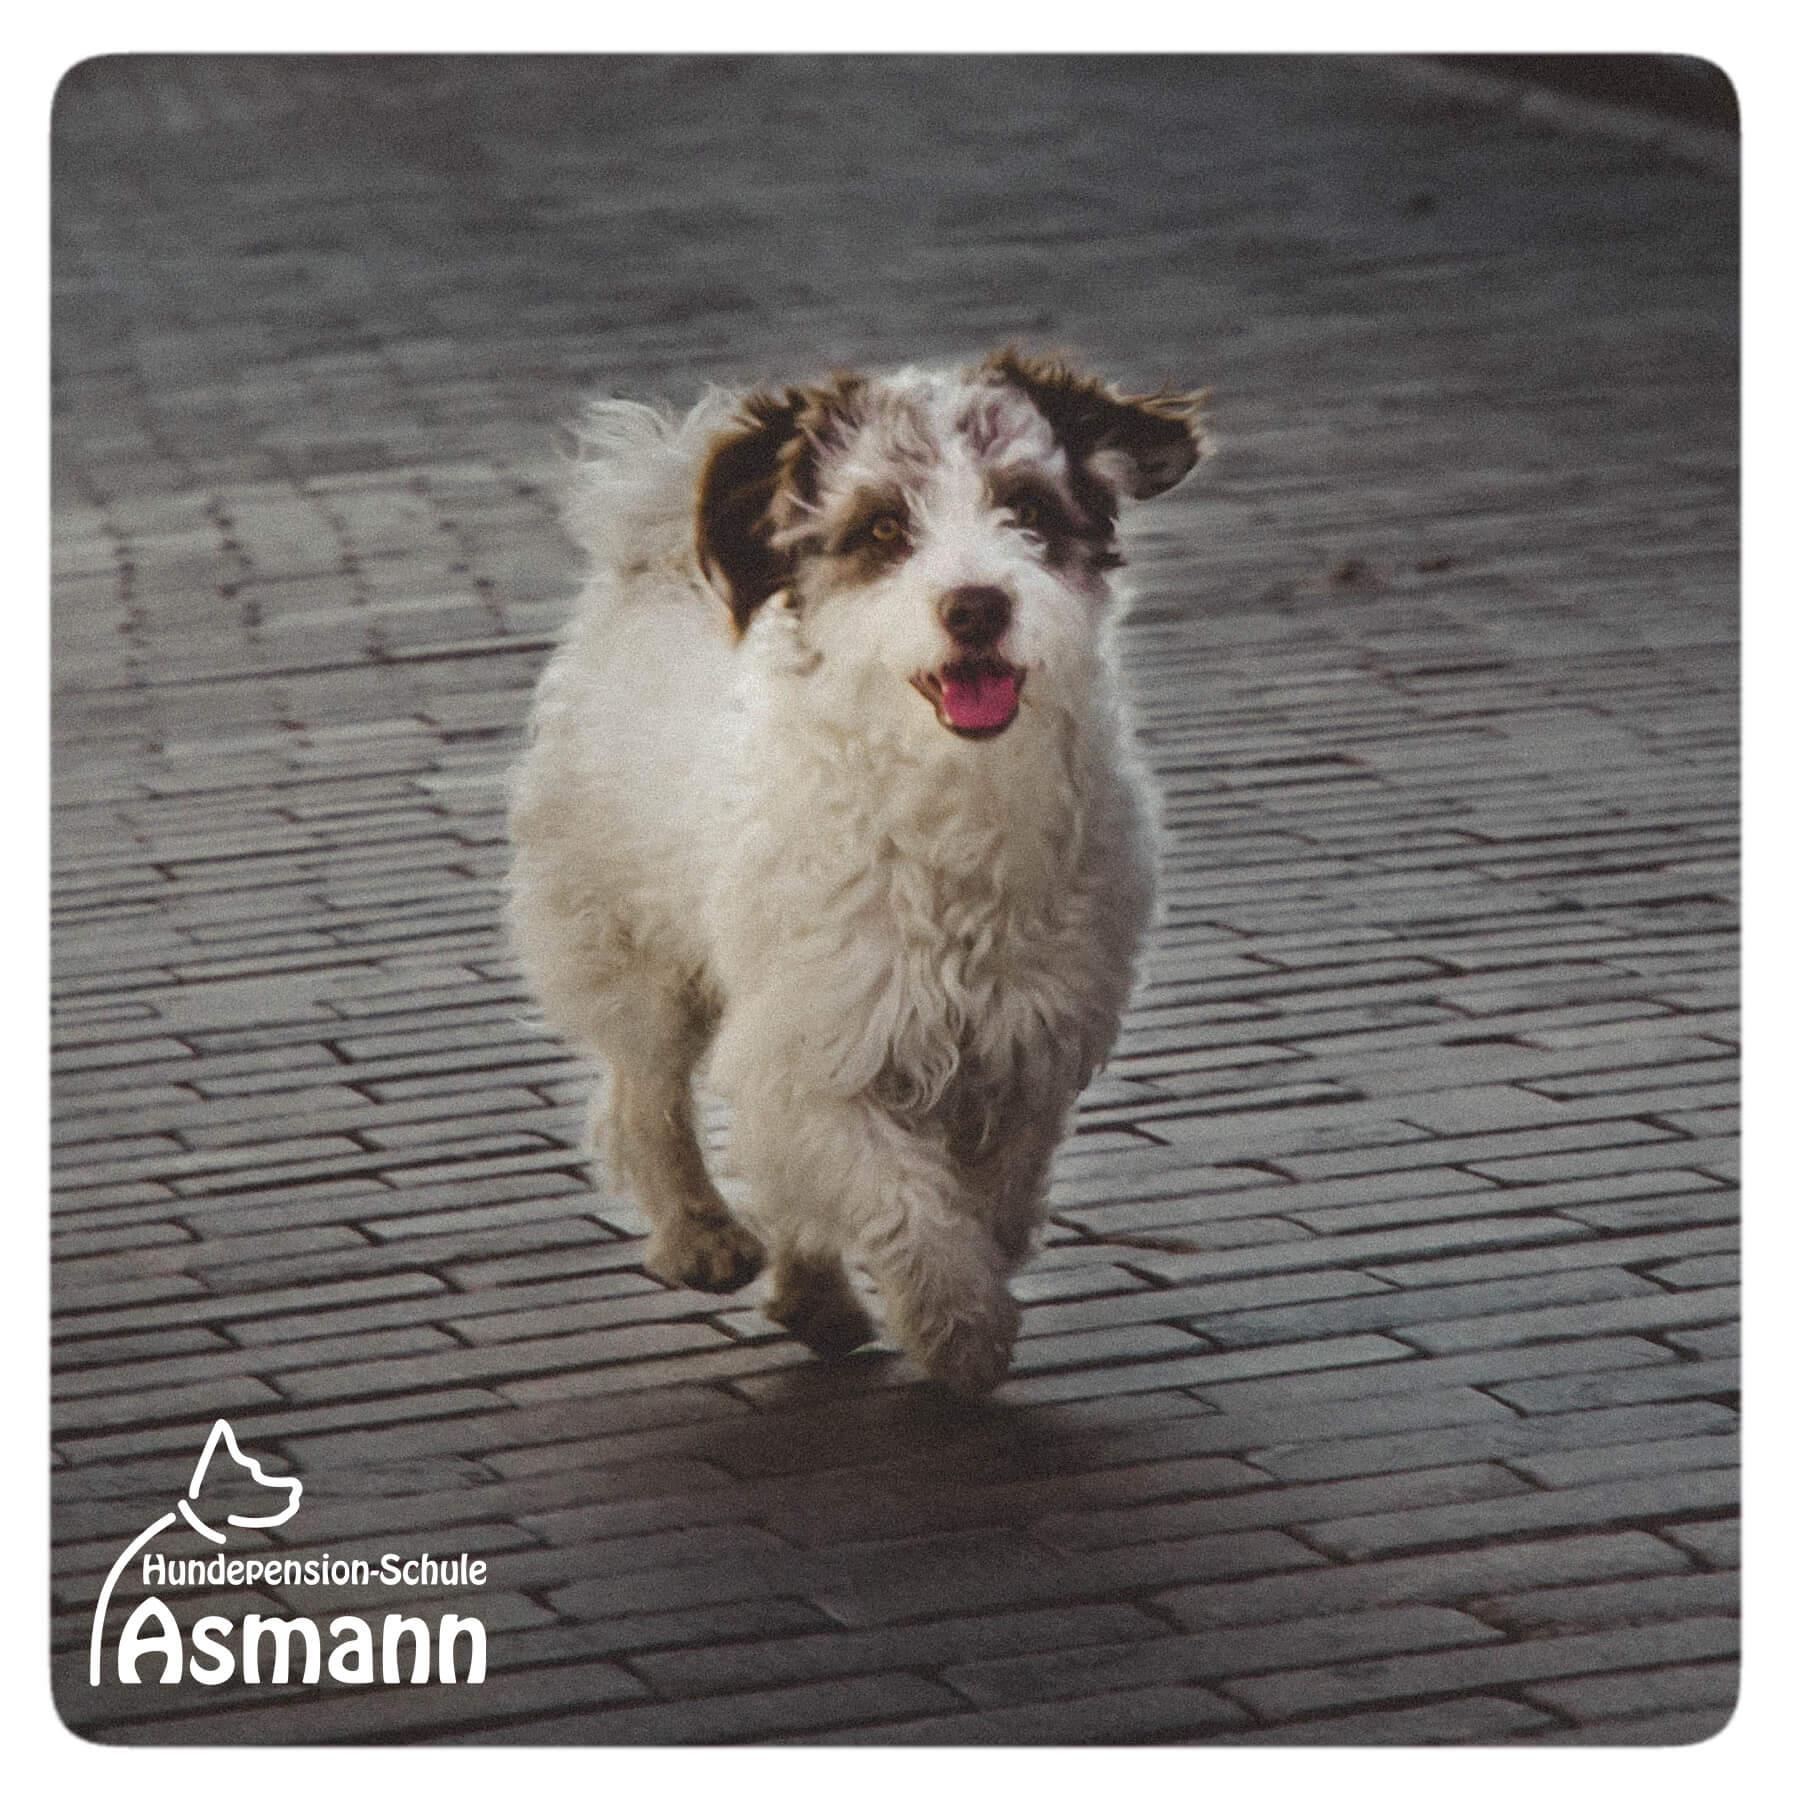 Hundepension Asmann Hunde weltweit